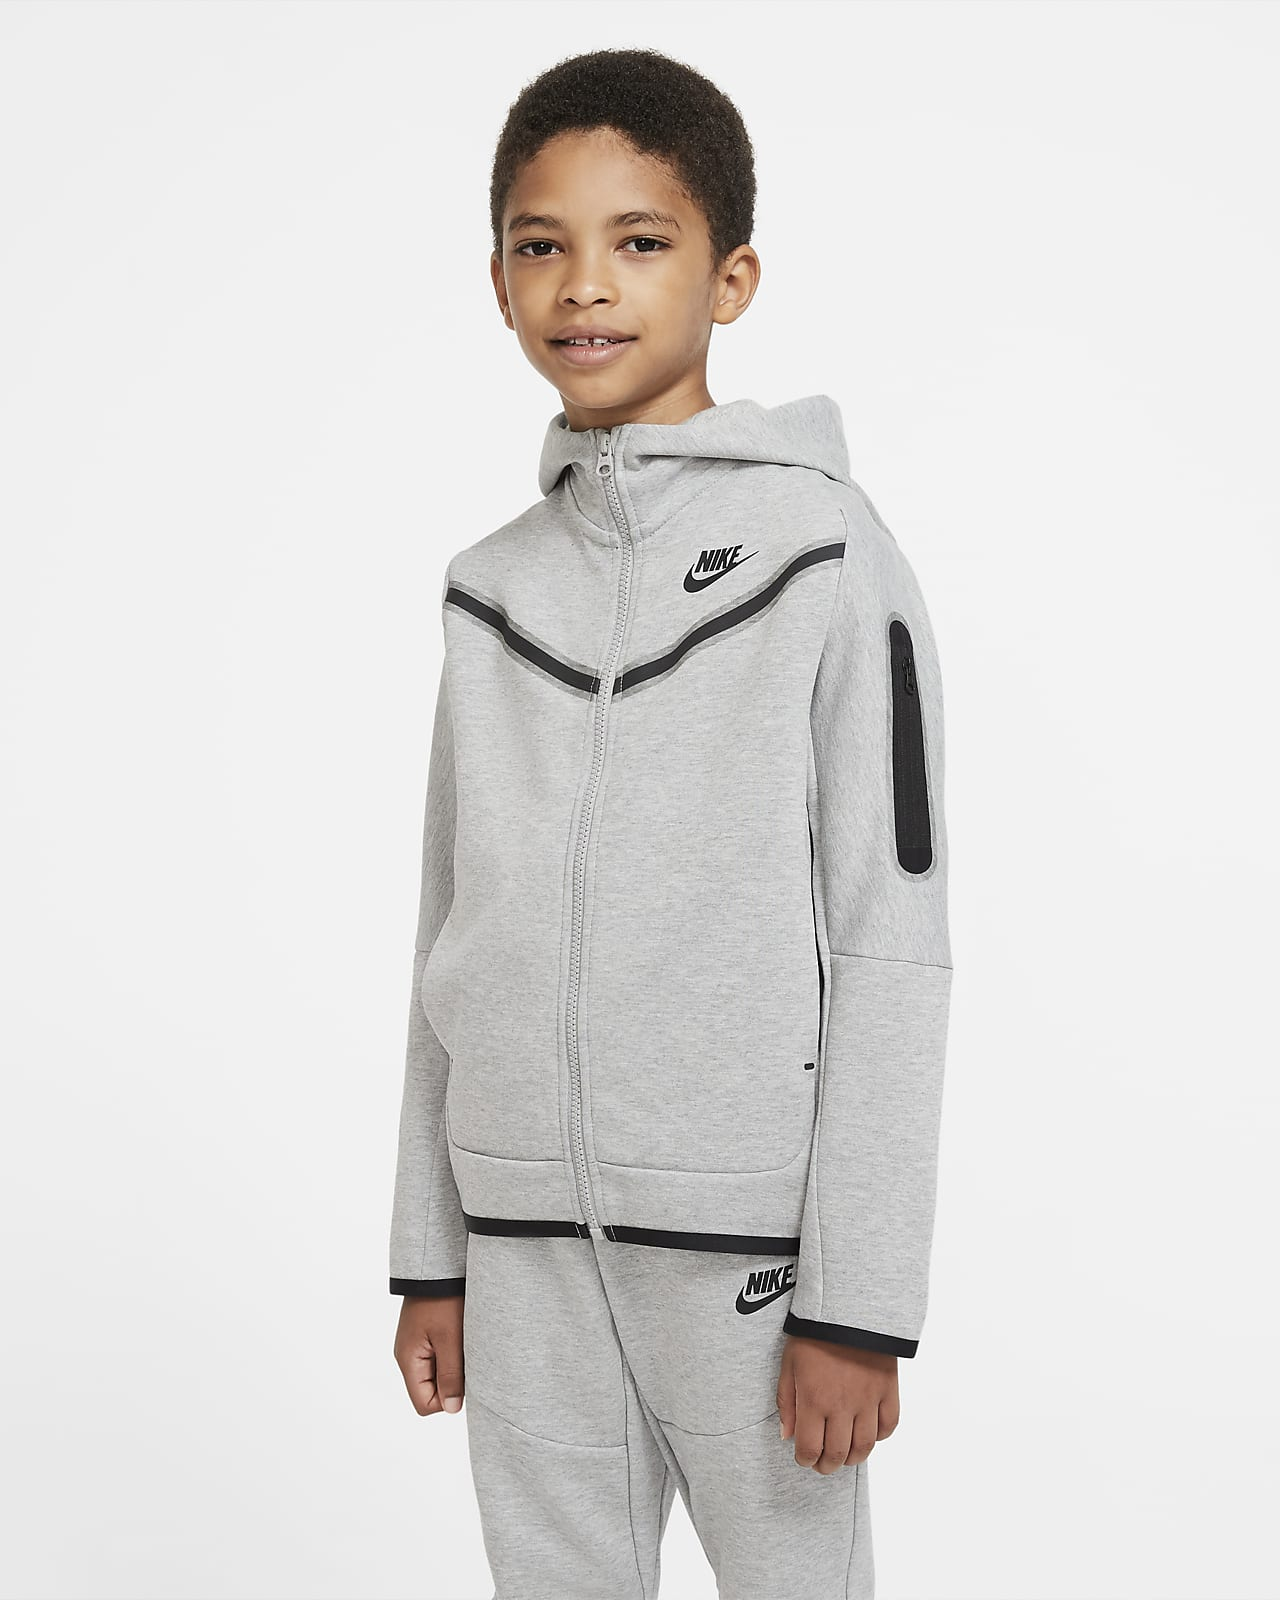 Nike Sportswear Tech Fleece Hoodie mit durchgehendem Reißverschluss für ältere Kinder (Jungen)